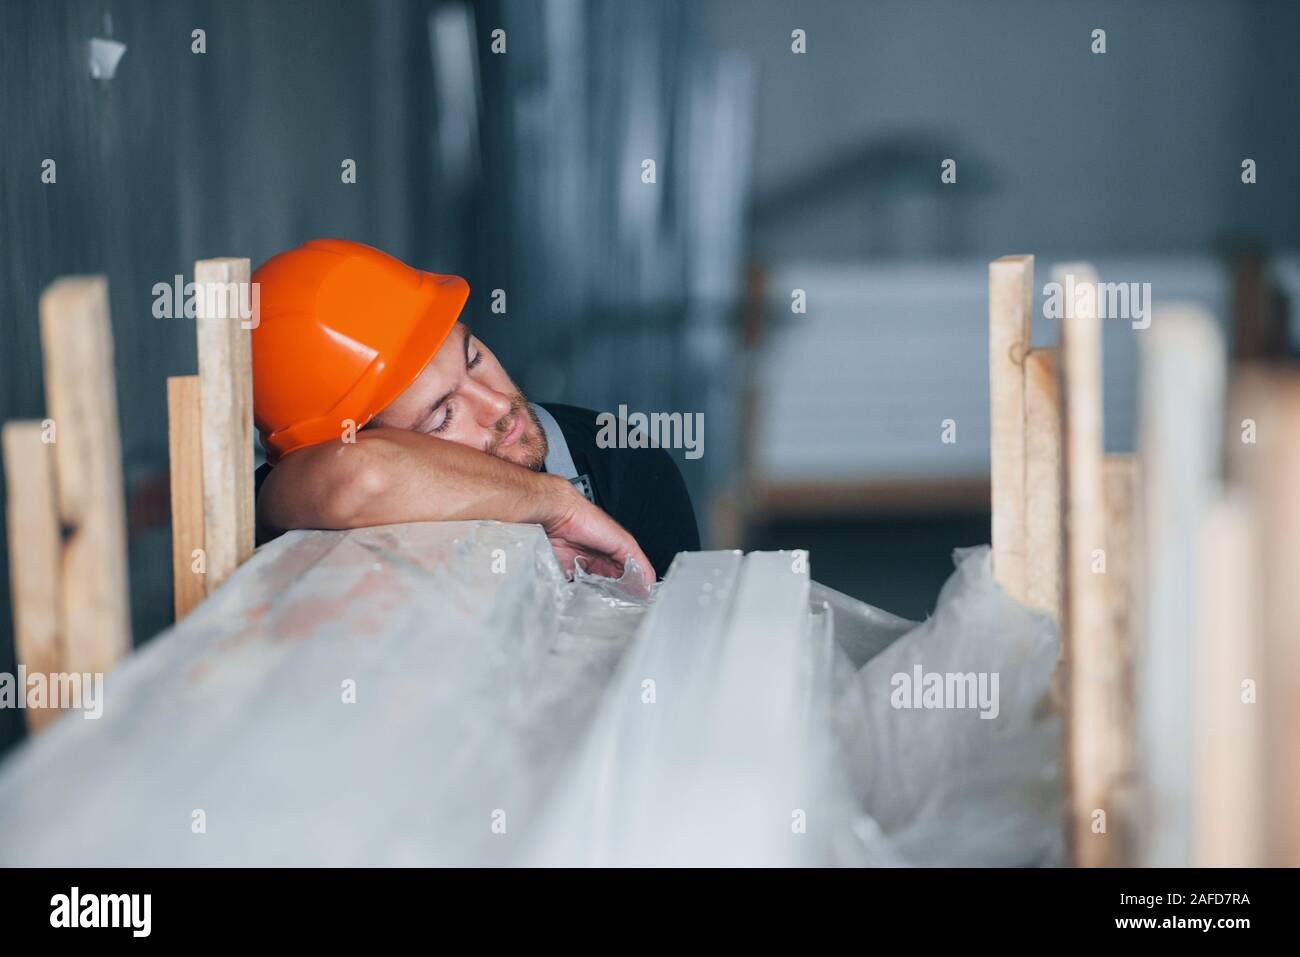 Dormir en un trabajo. Tomando un descanso. Trabajador industrial en el interior de la fábrica. Técnico joven con naranja sombrero duro Foto de stock